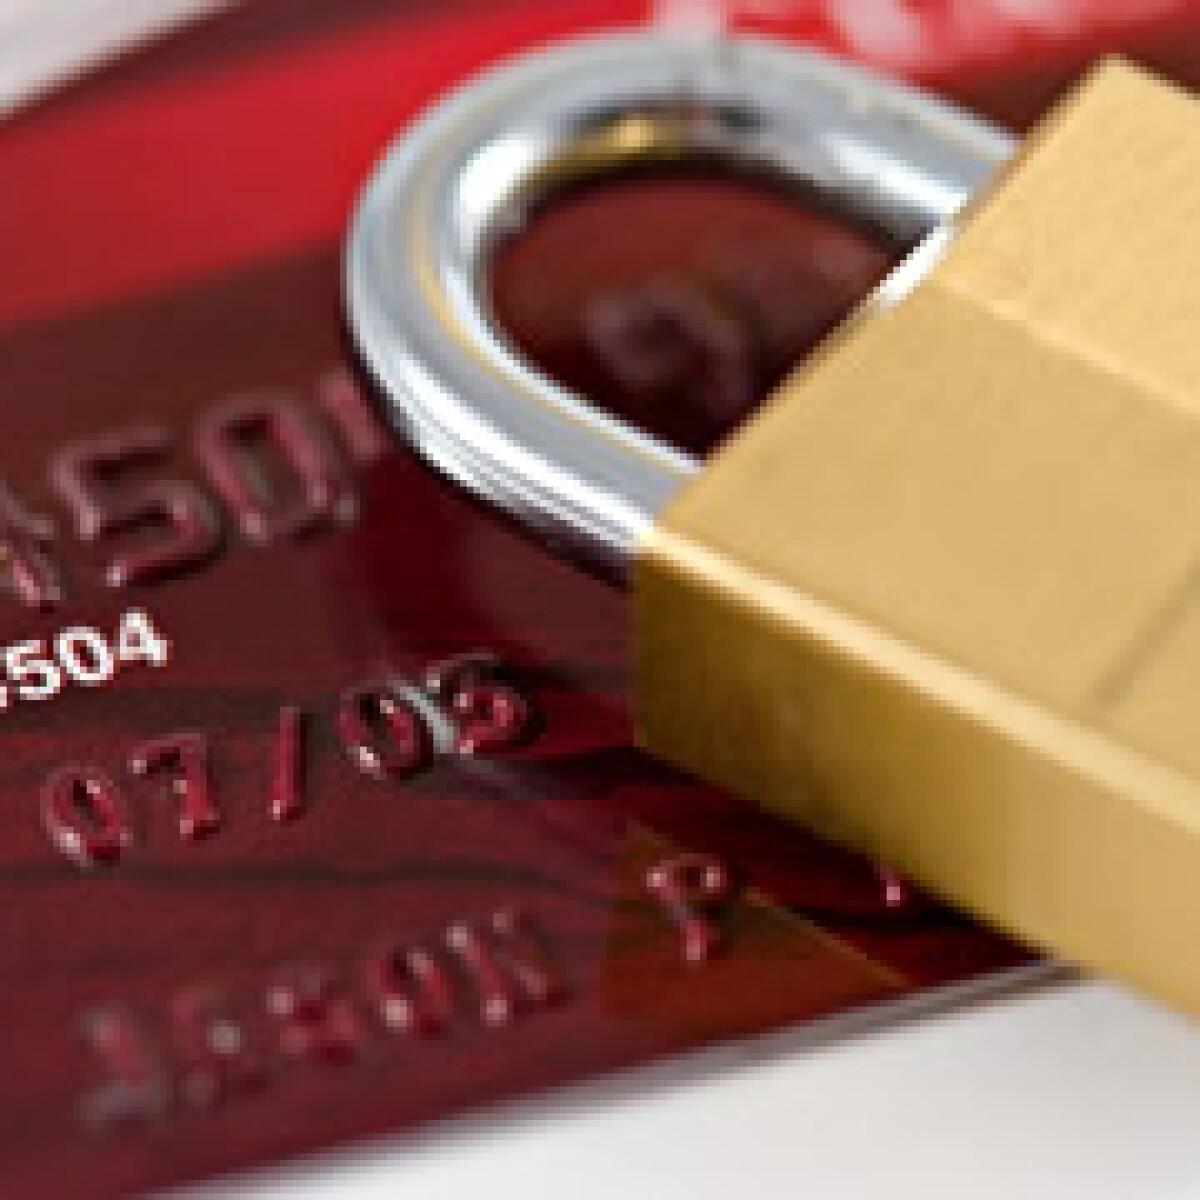 Puedo reestructurar mi deuda bancaria?